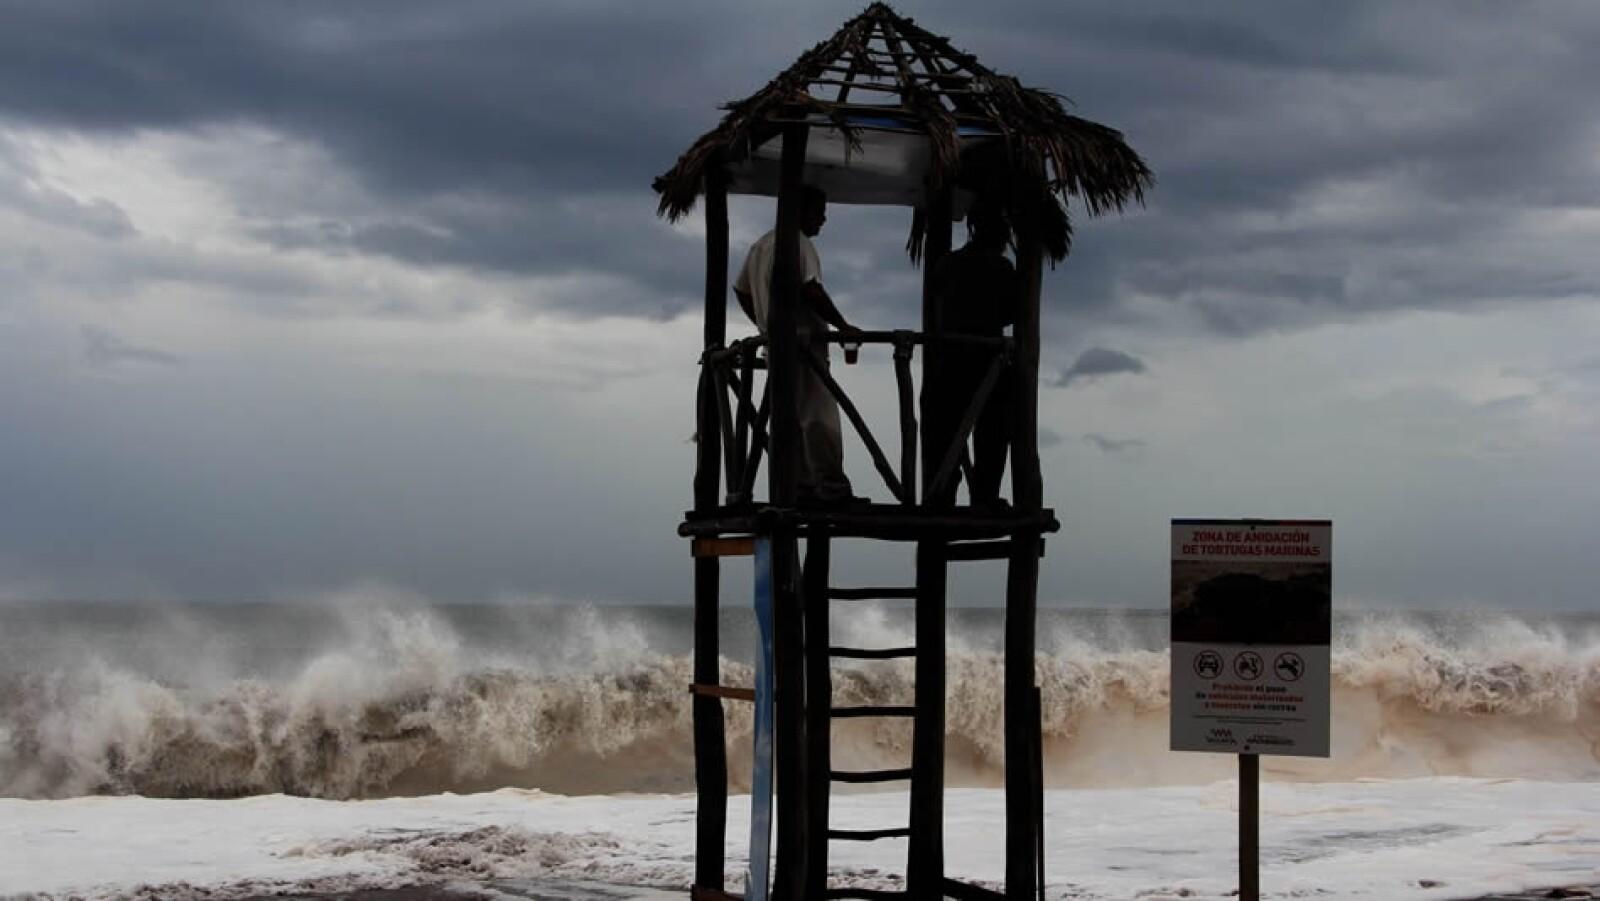 México declaró en alerta máxima la península de Baja California debido al paso del huracán 'Odile'